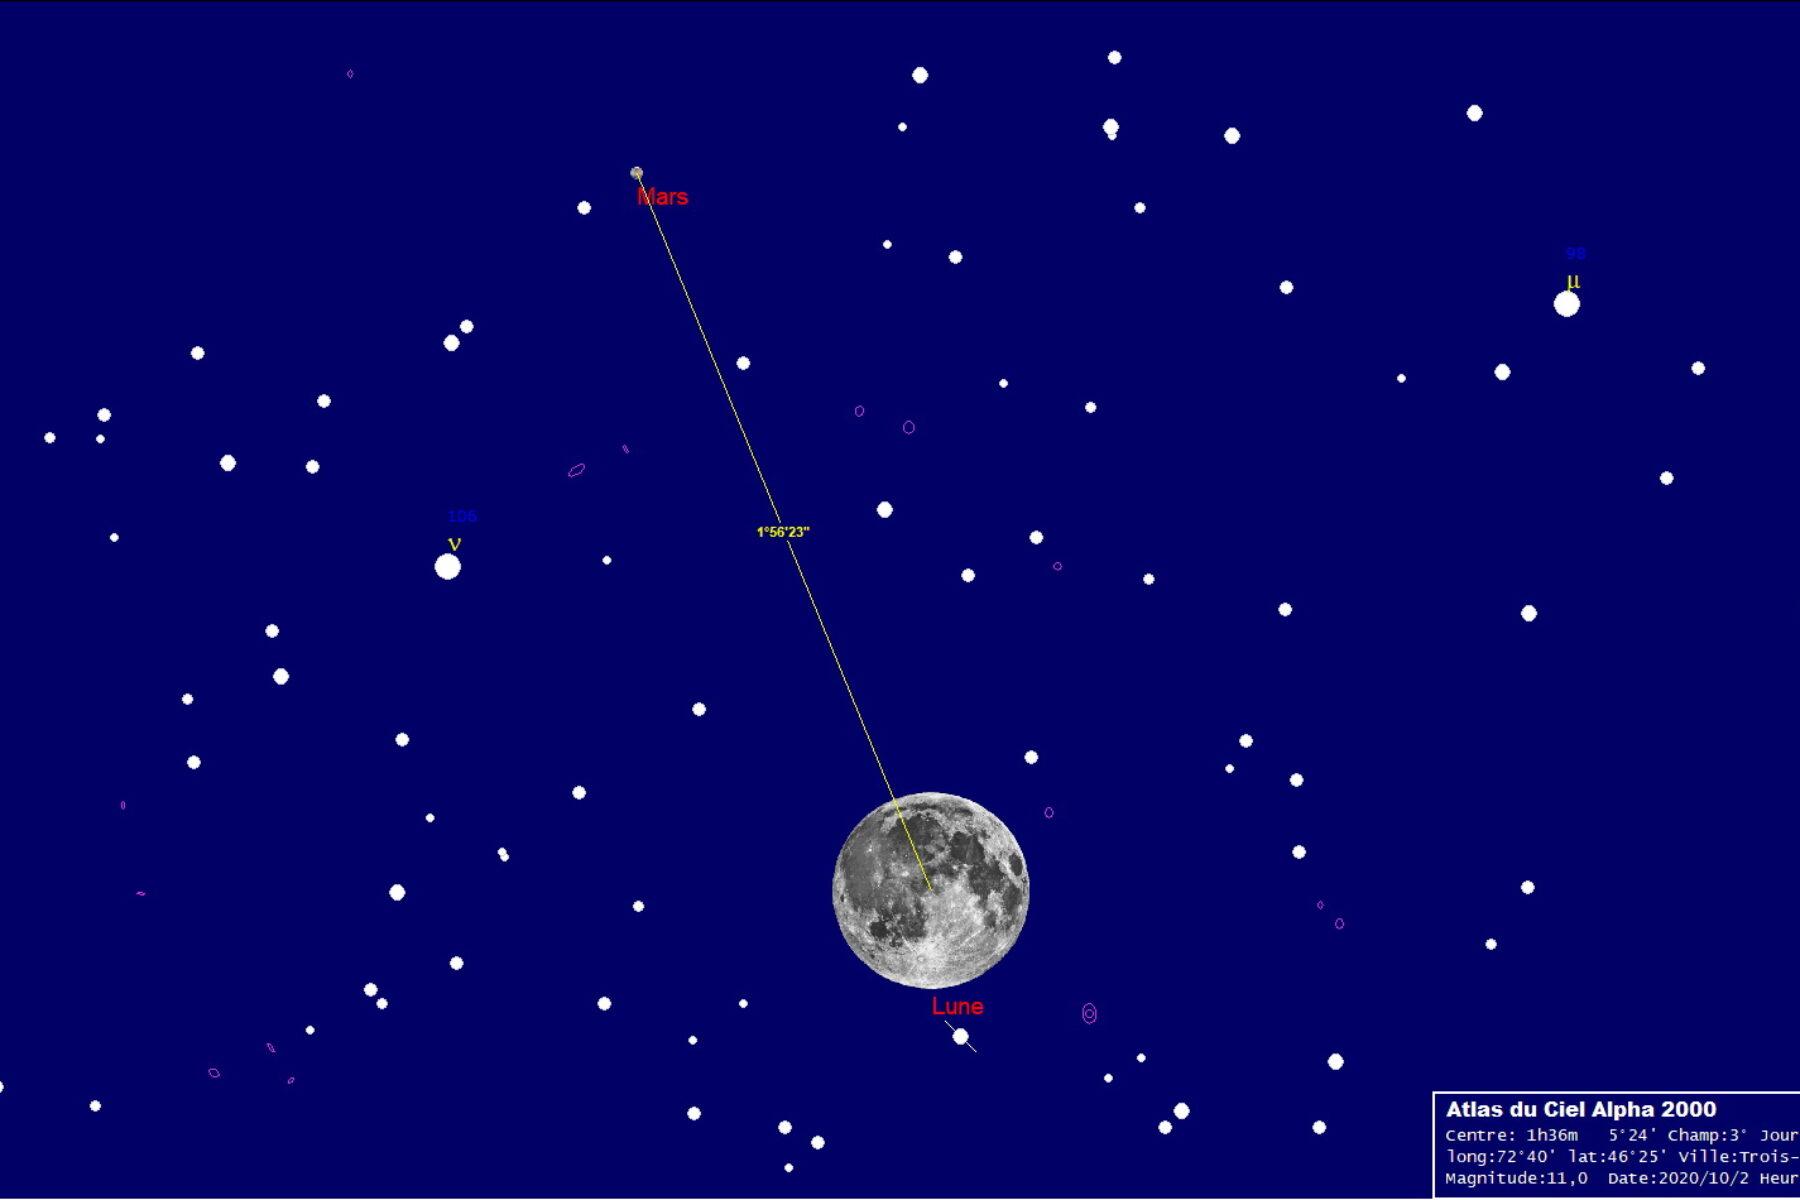 Mars rencontre la Lune!